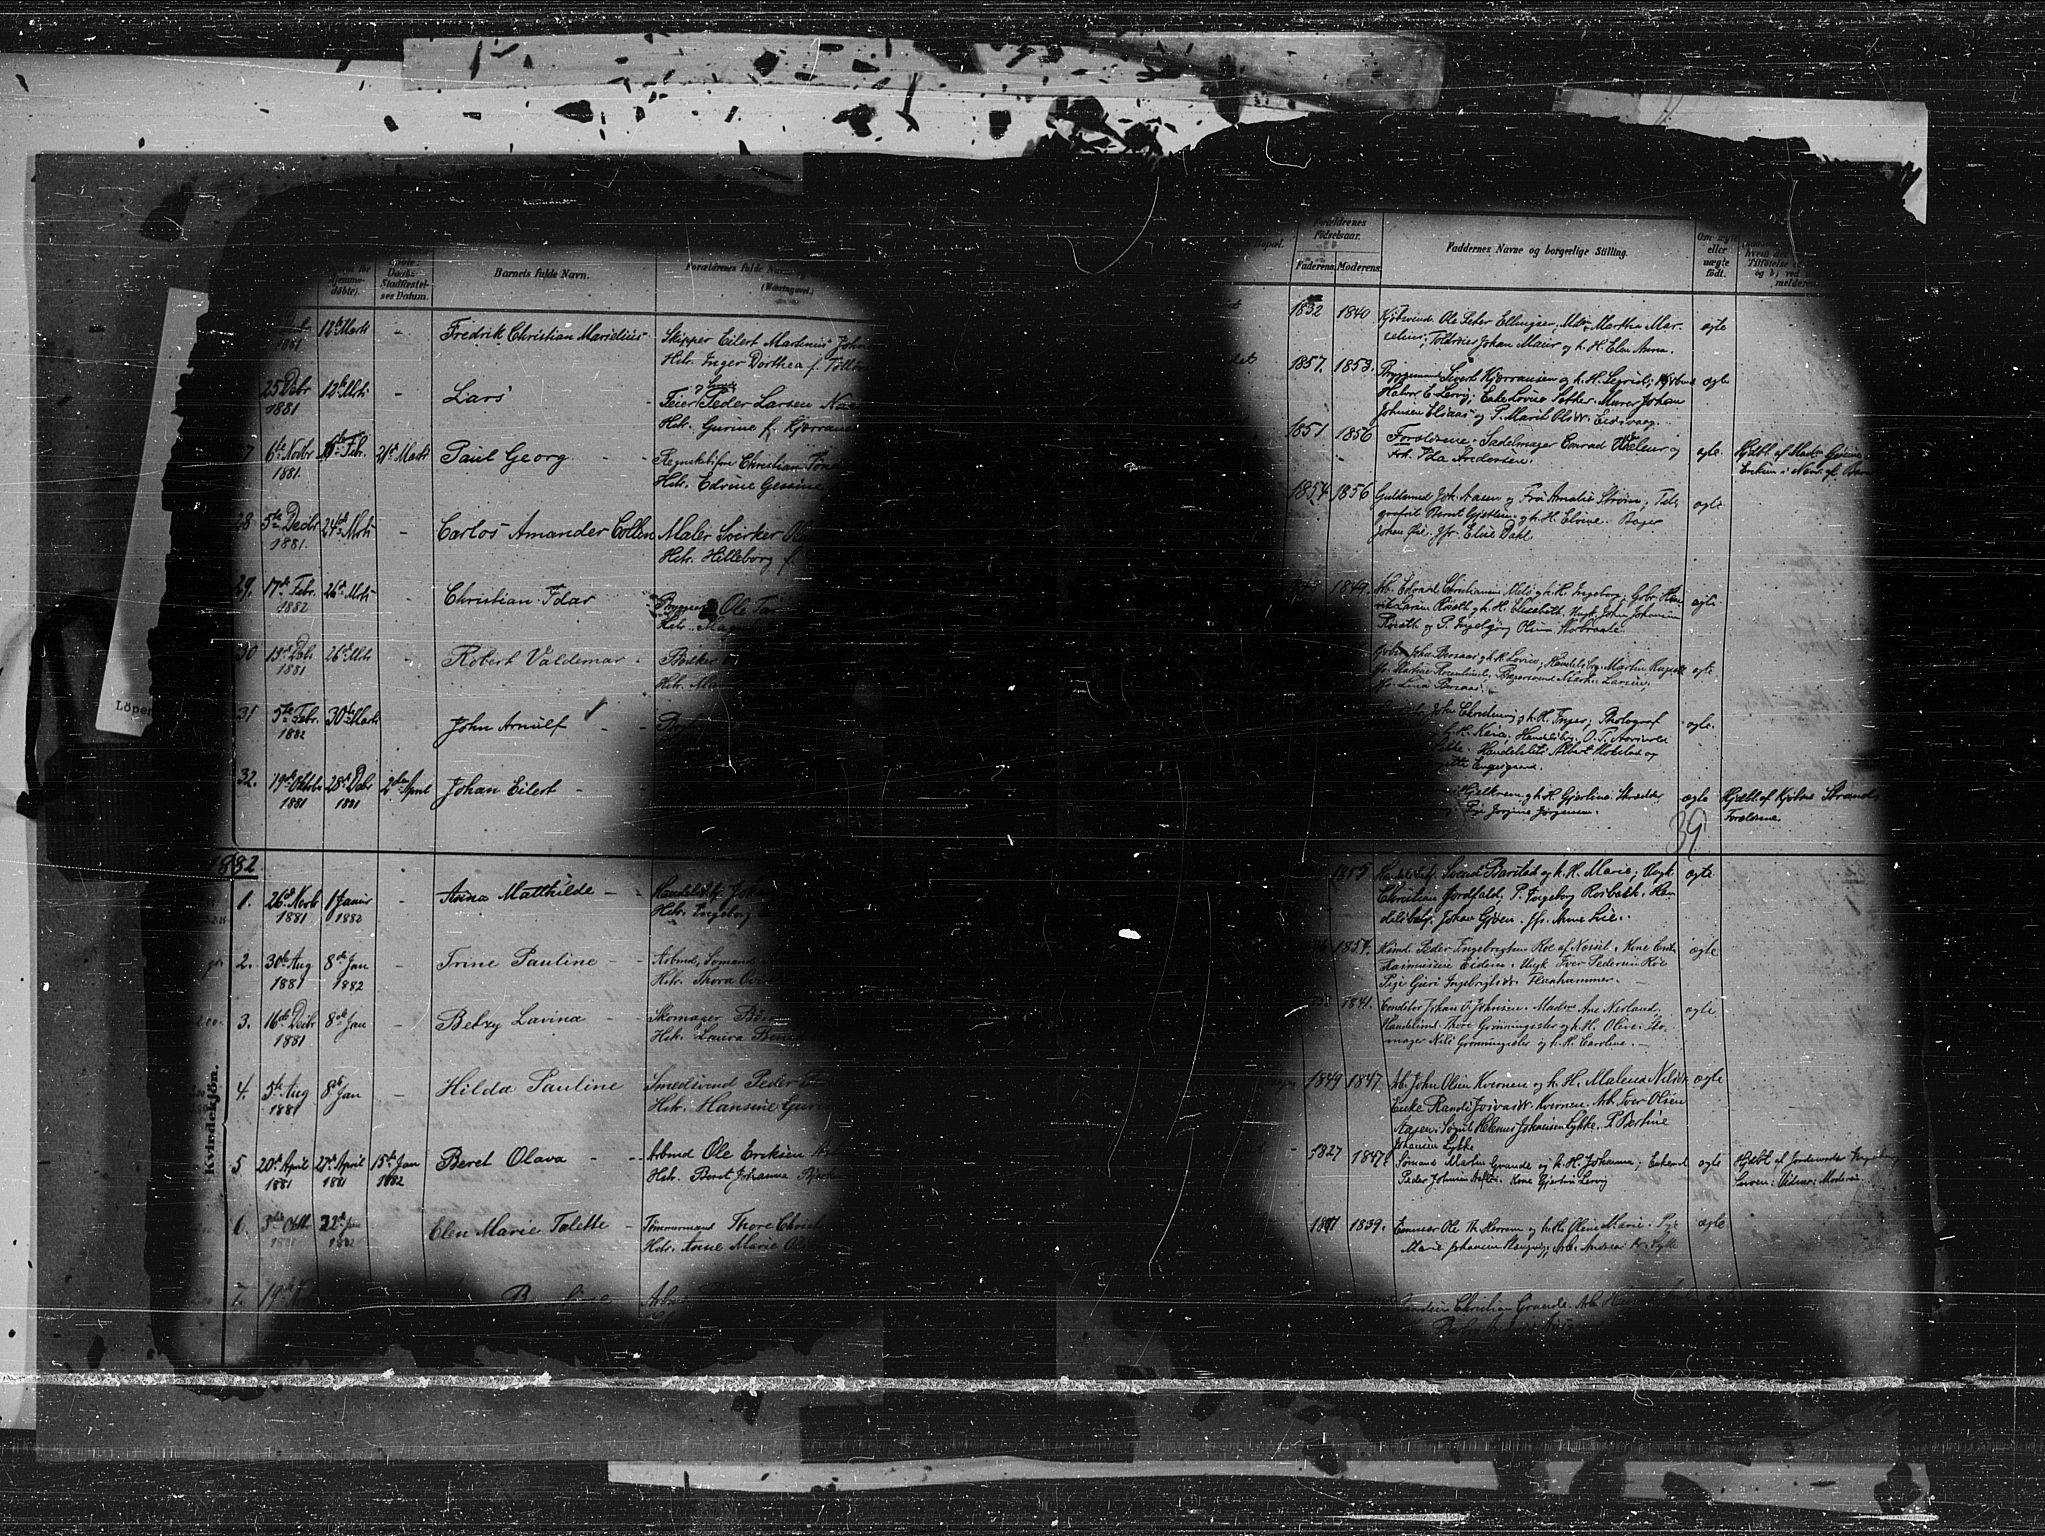 SAT, Ministerialprotokoller, klokkerbøker og fødselsregistre - Møre og Romsdal, 572/L0850: Ministerialbok nr. 572A13, 1880-1888, s. 39